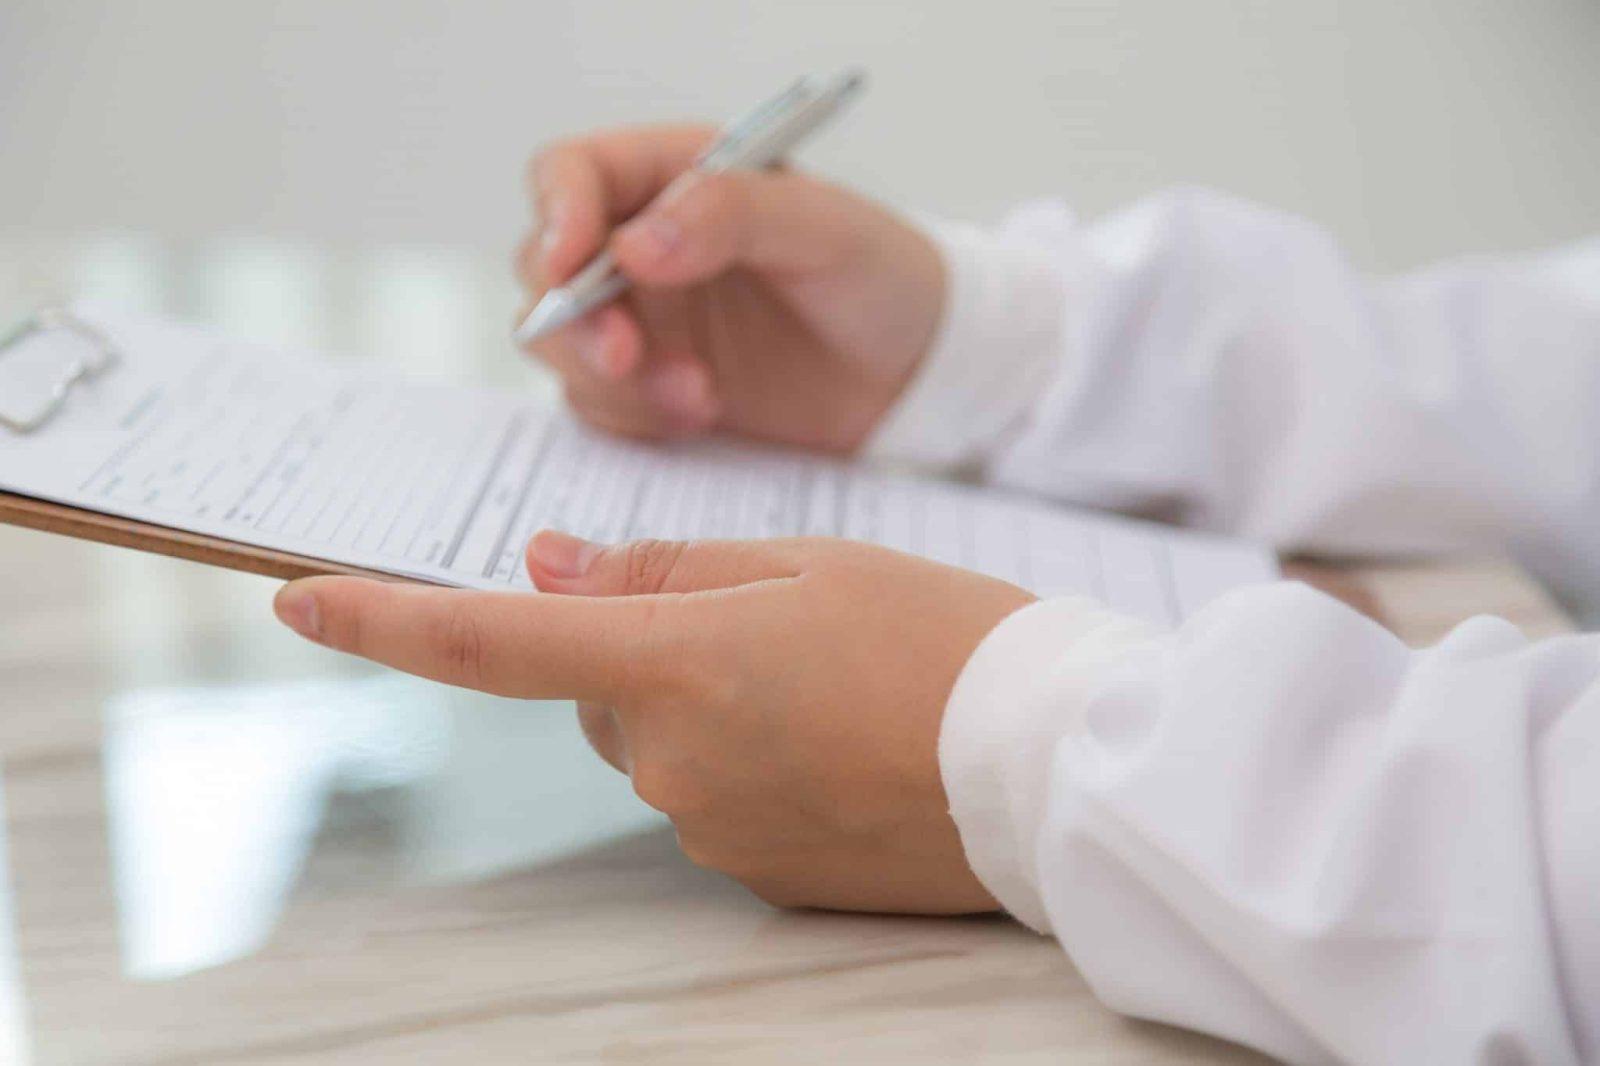 איך מגישים תביעת נכות לקרן הפנסיה, איך מגישים תביעת נכות לקרן הפנסיה